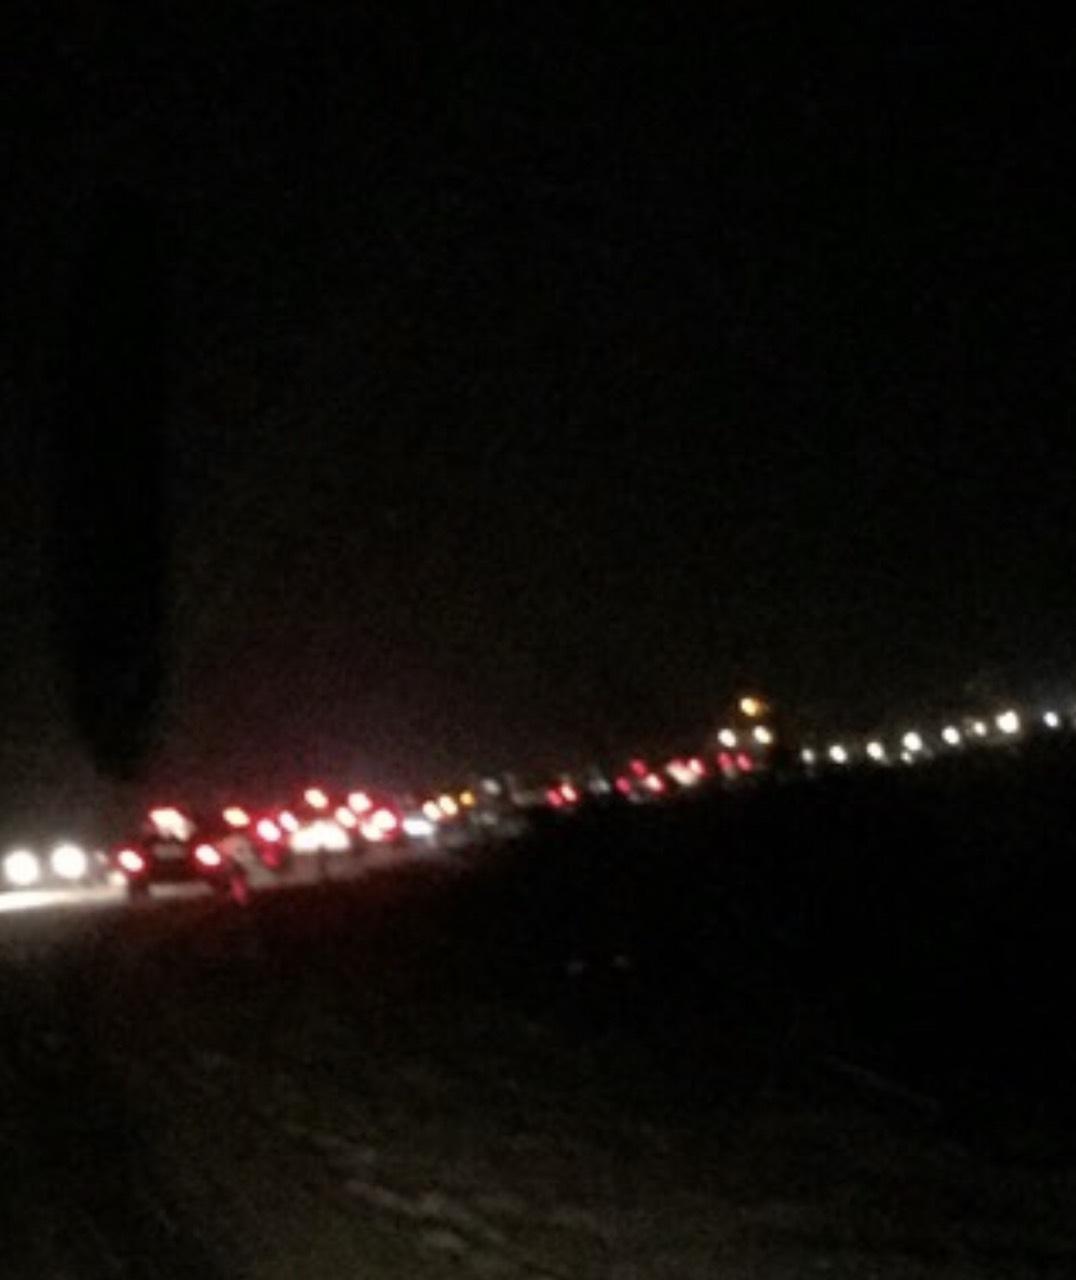 Prvi sneg napravio haos u saobraćaju!